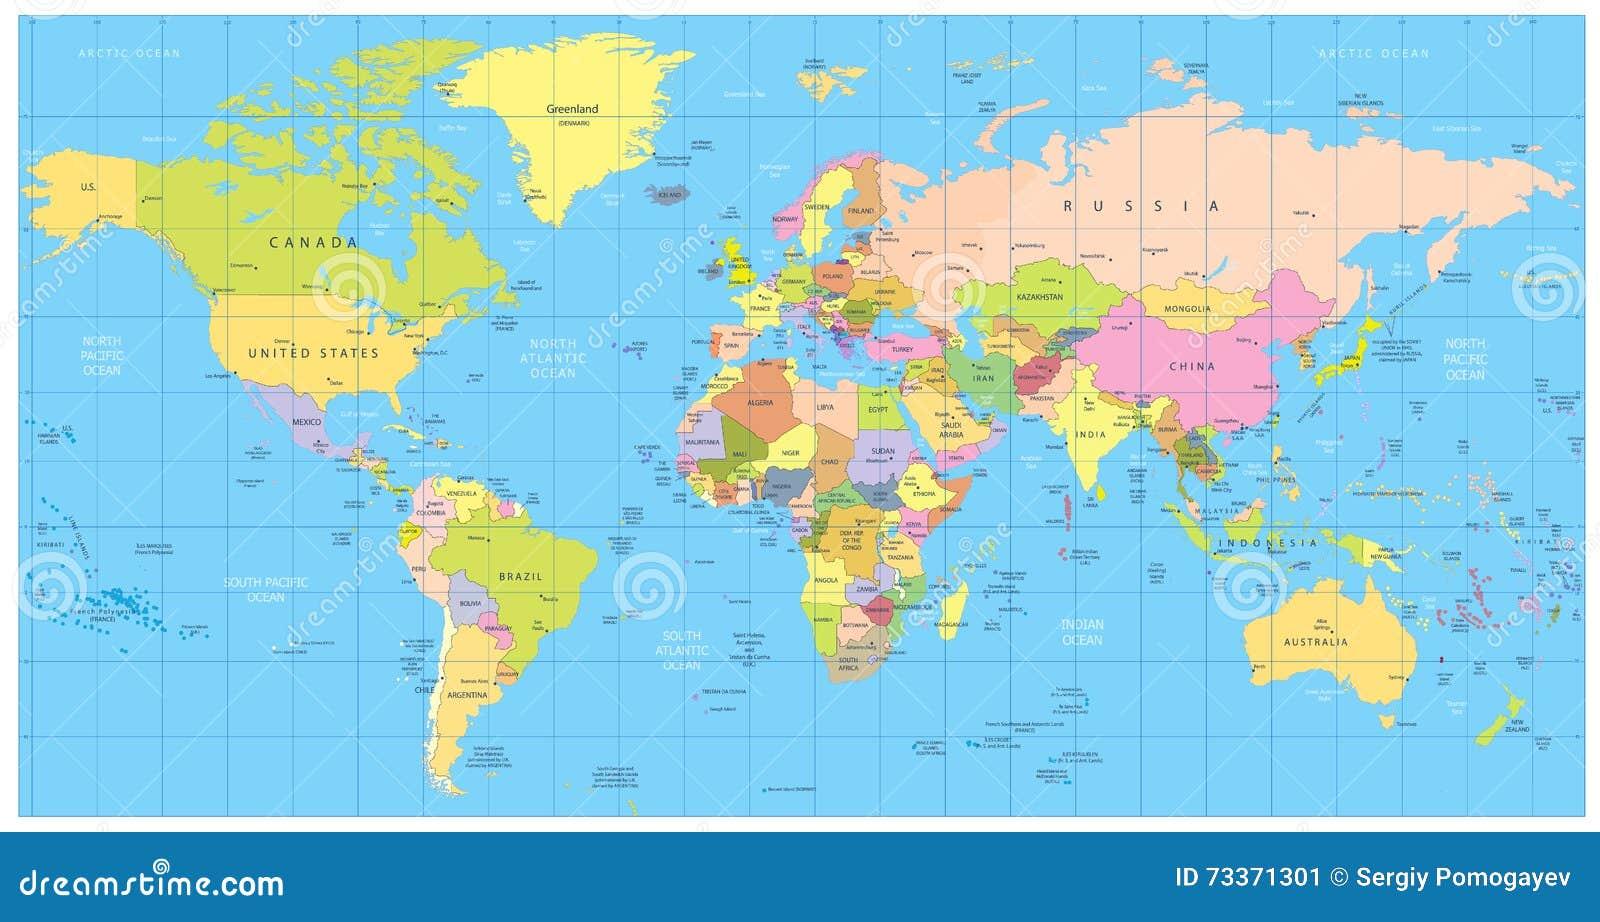 världskarta bild gratis